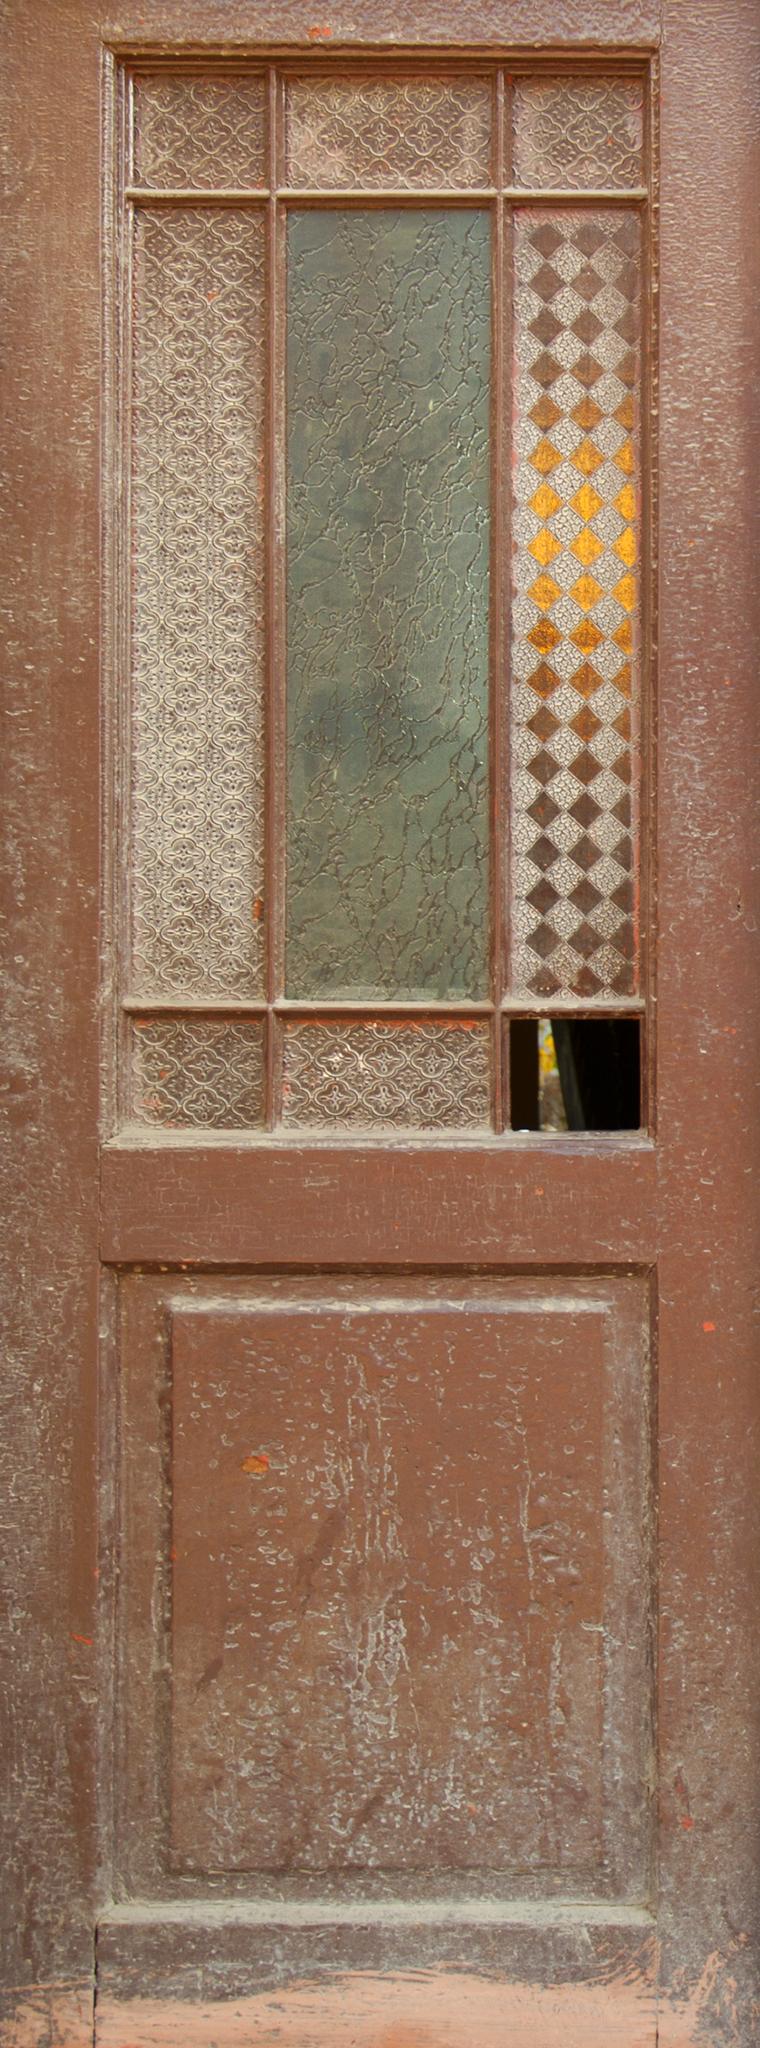 Asian Antique Door.jpg